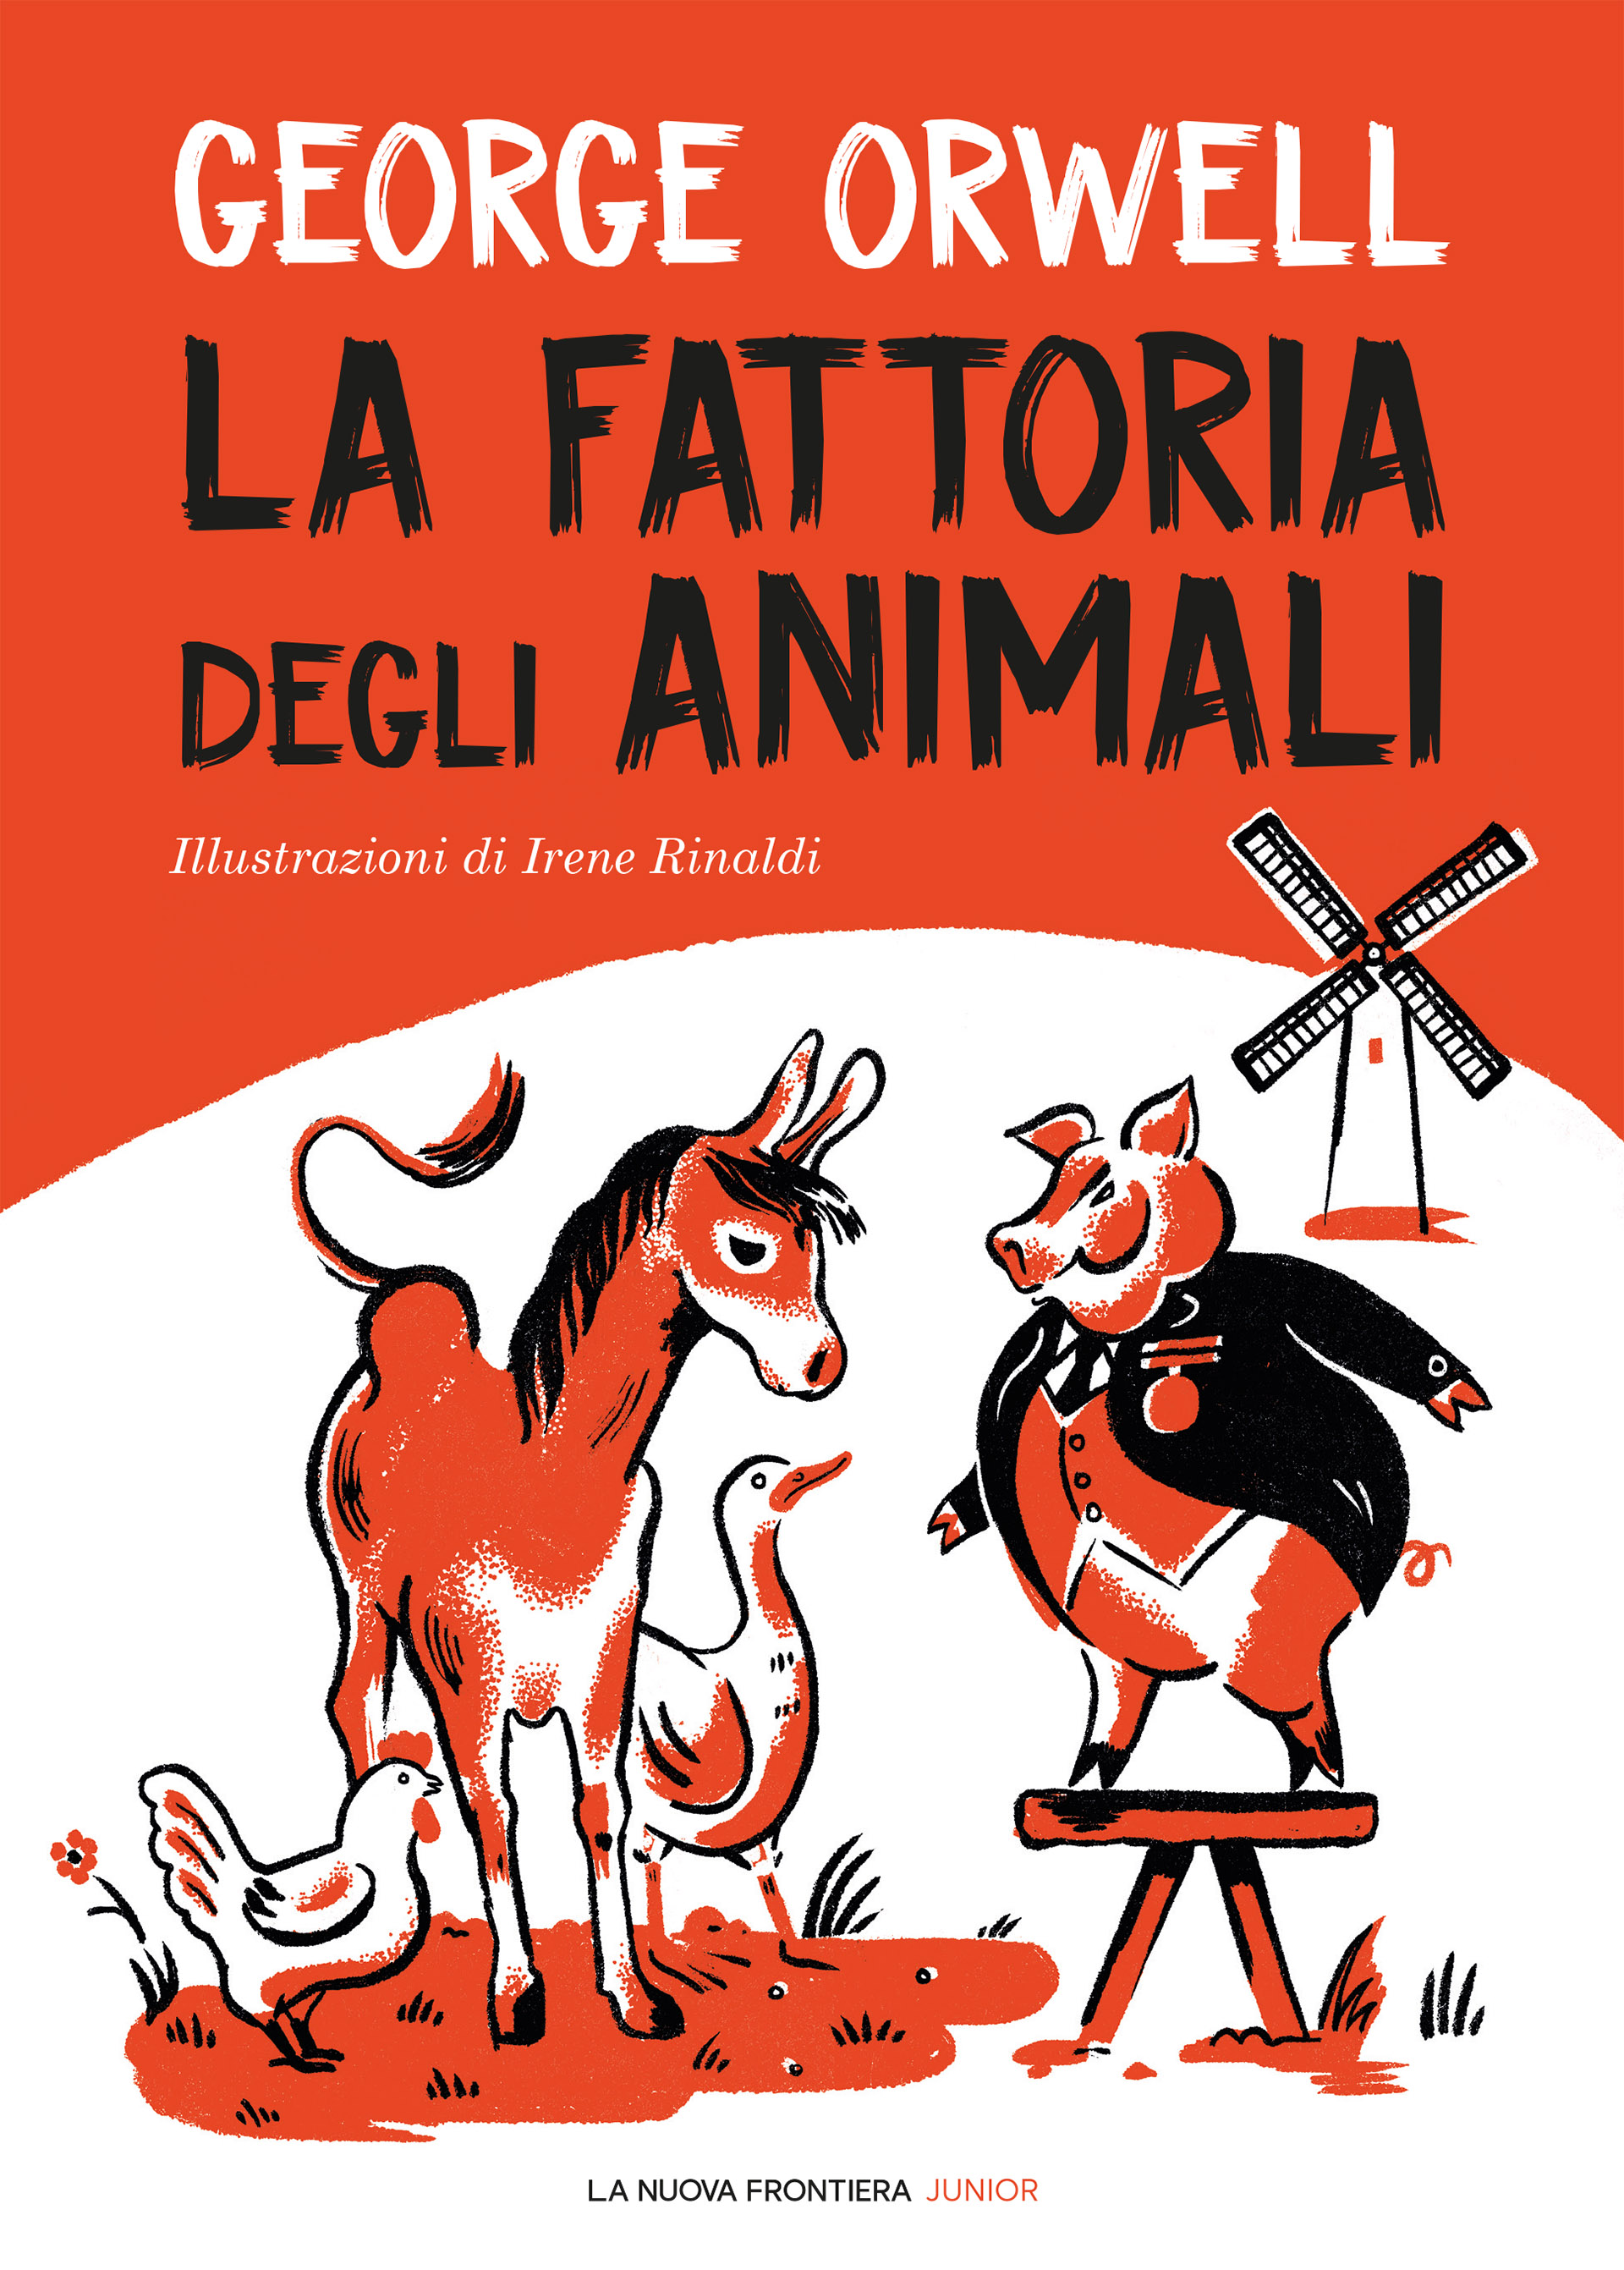 [fonte immagine: : https://www.lanuovafrontiera.it/prodotto/la-fattoria-degli-animali/]